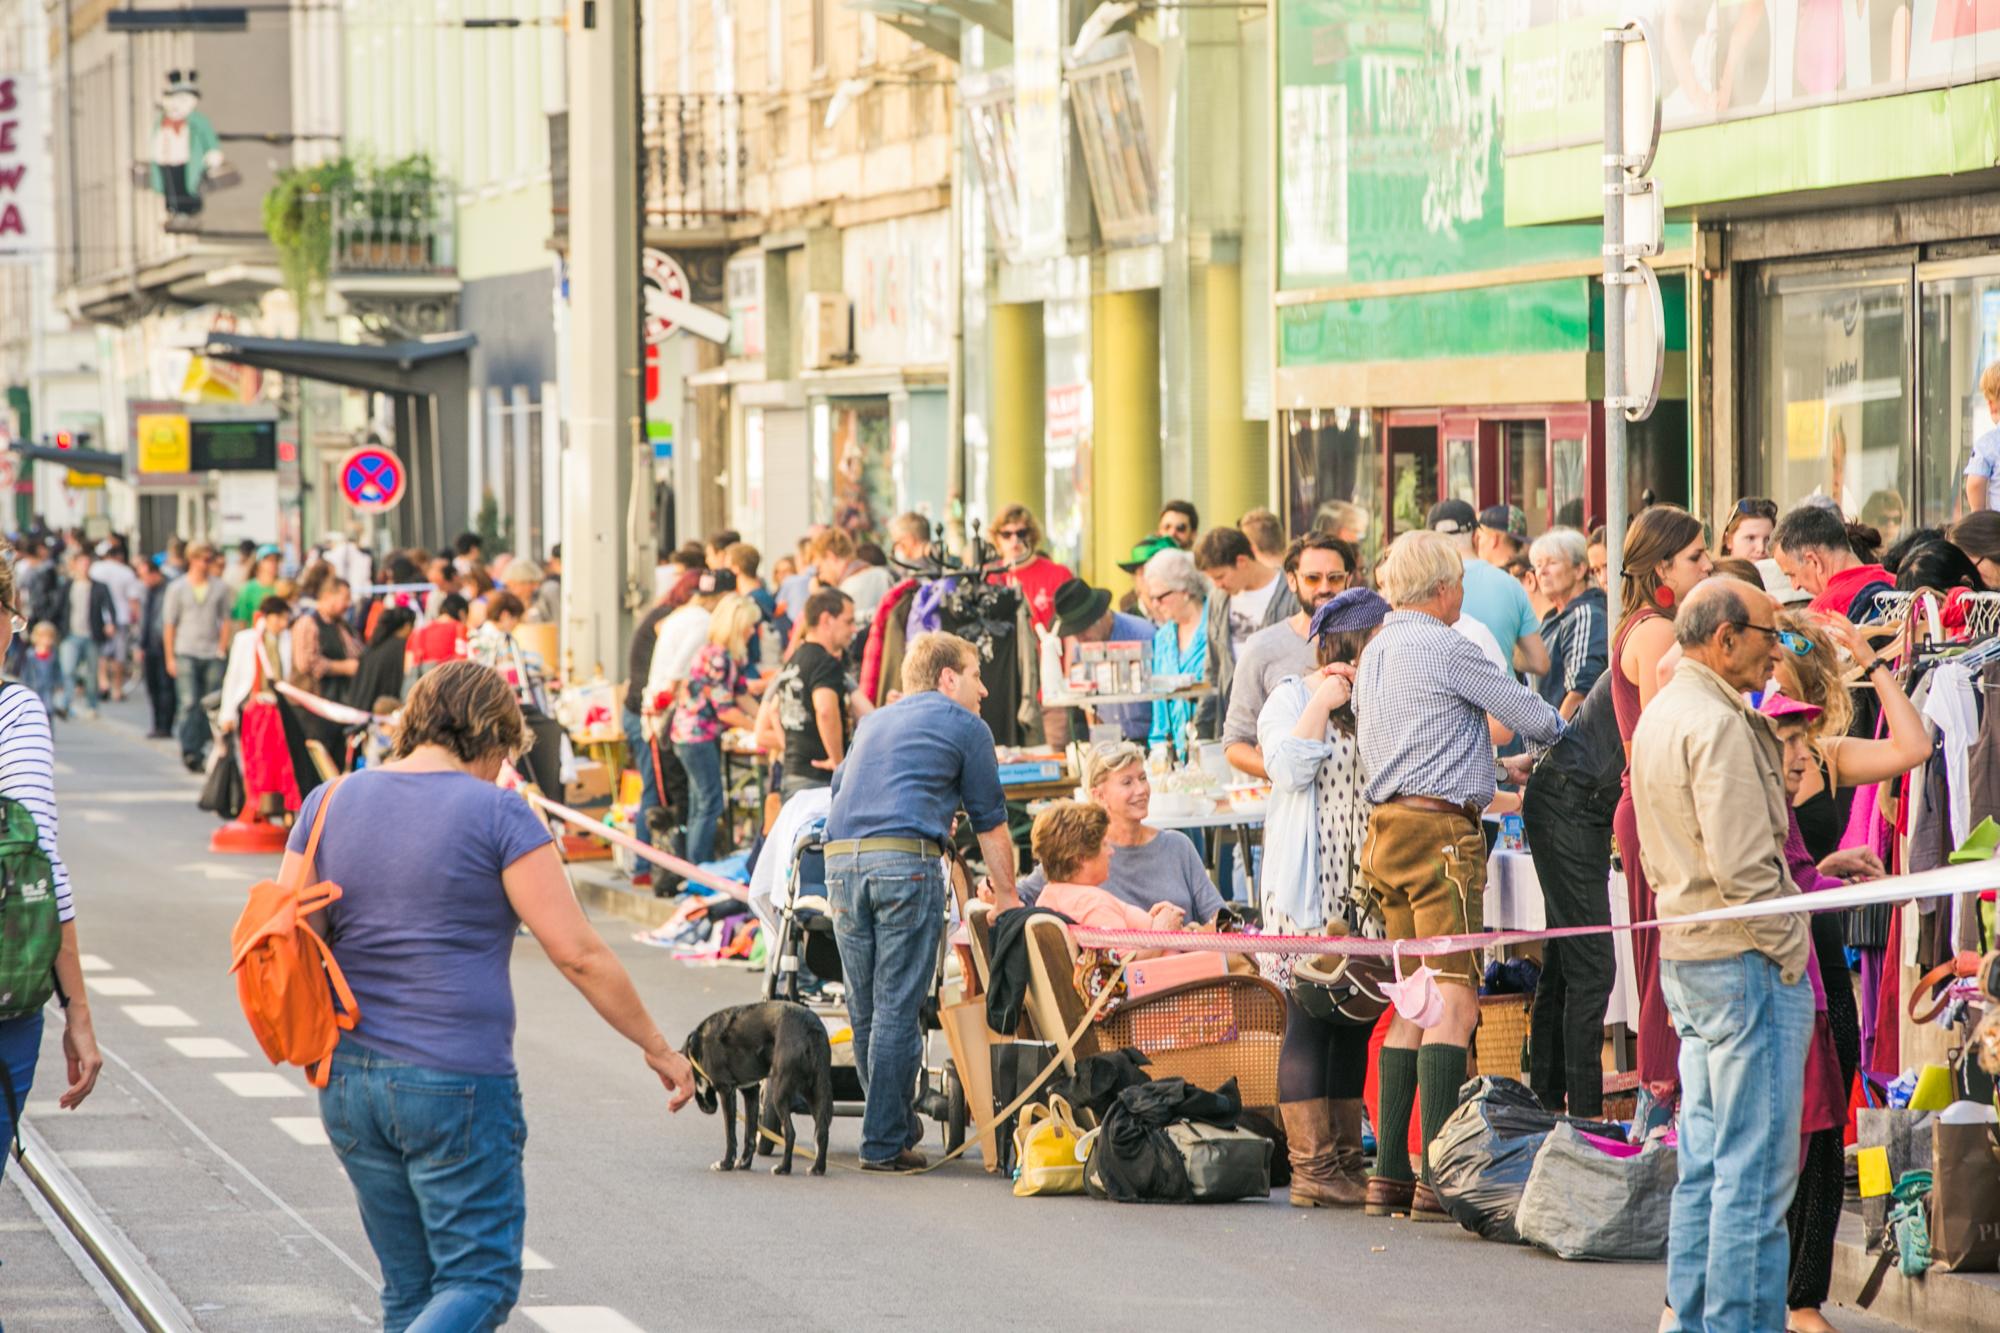 Annenviertel Flohmarkt - Foto ©Lupi Spuma